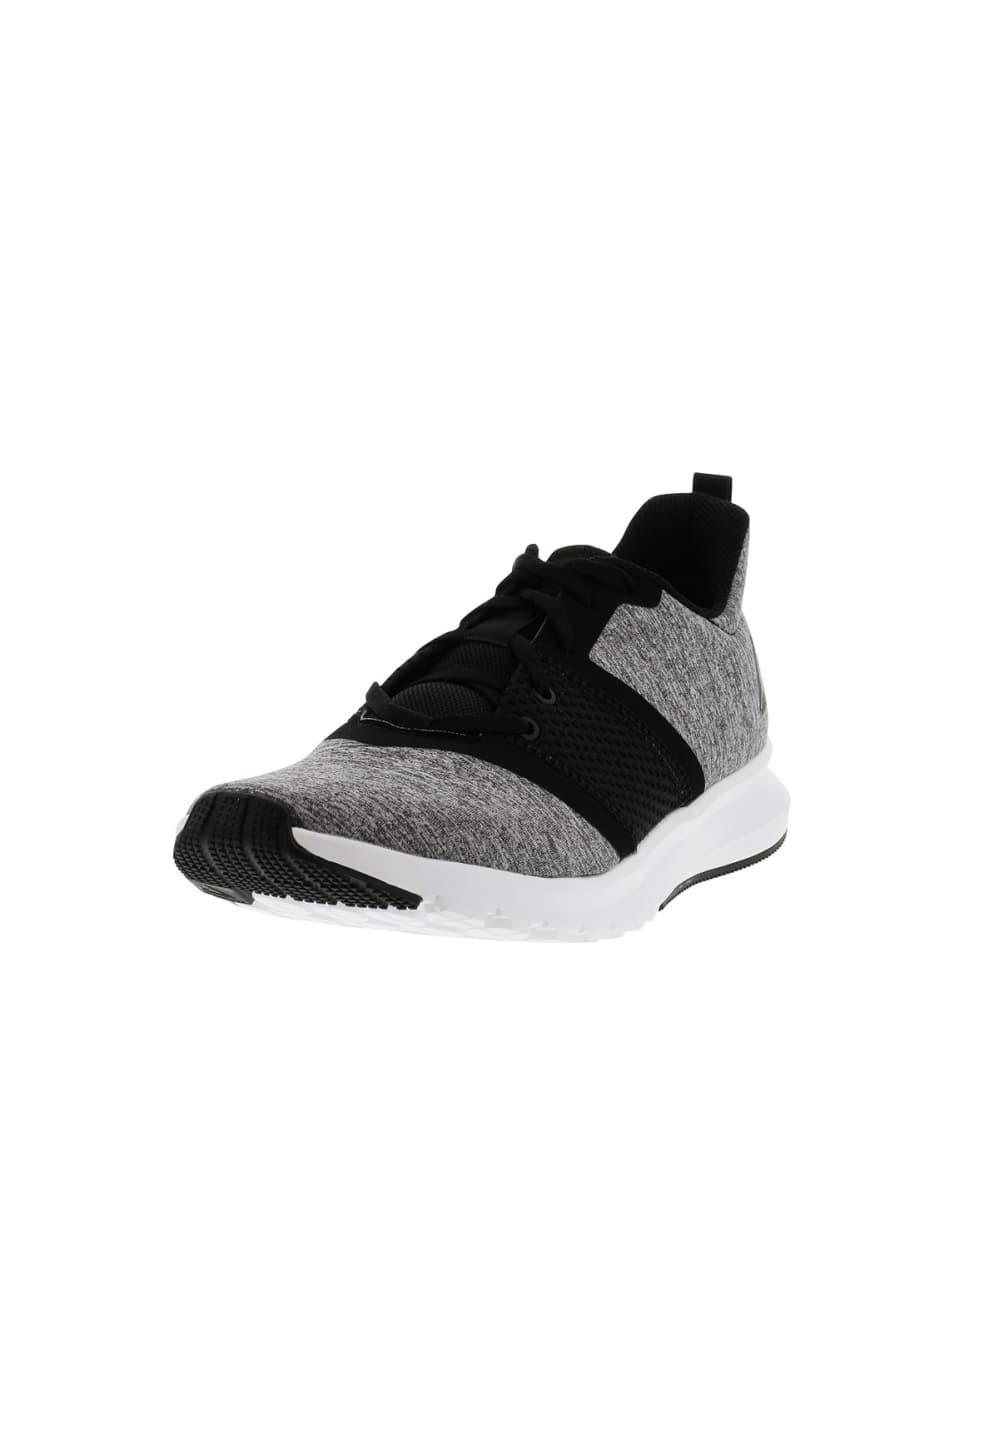 Reebok Print Lite Rush, Chaussures de Running Homme, Noir